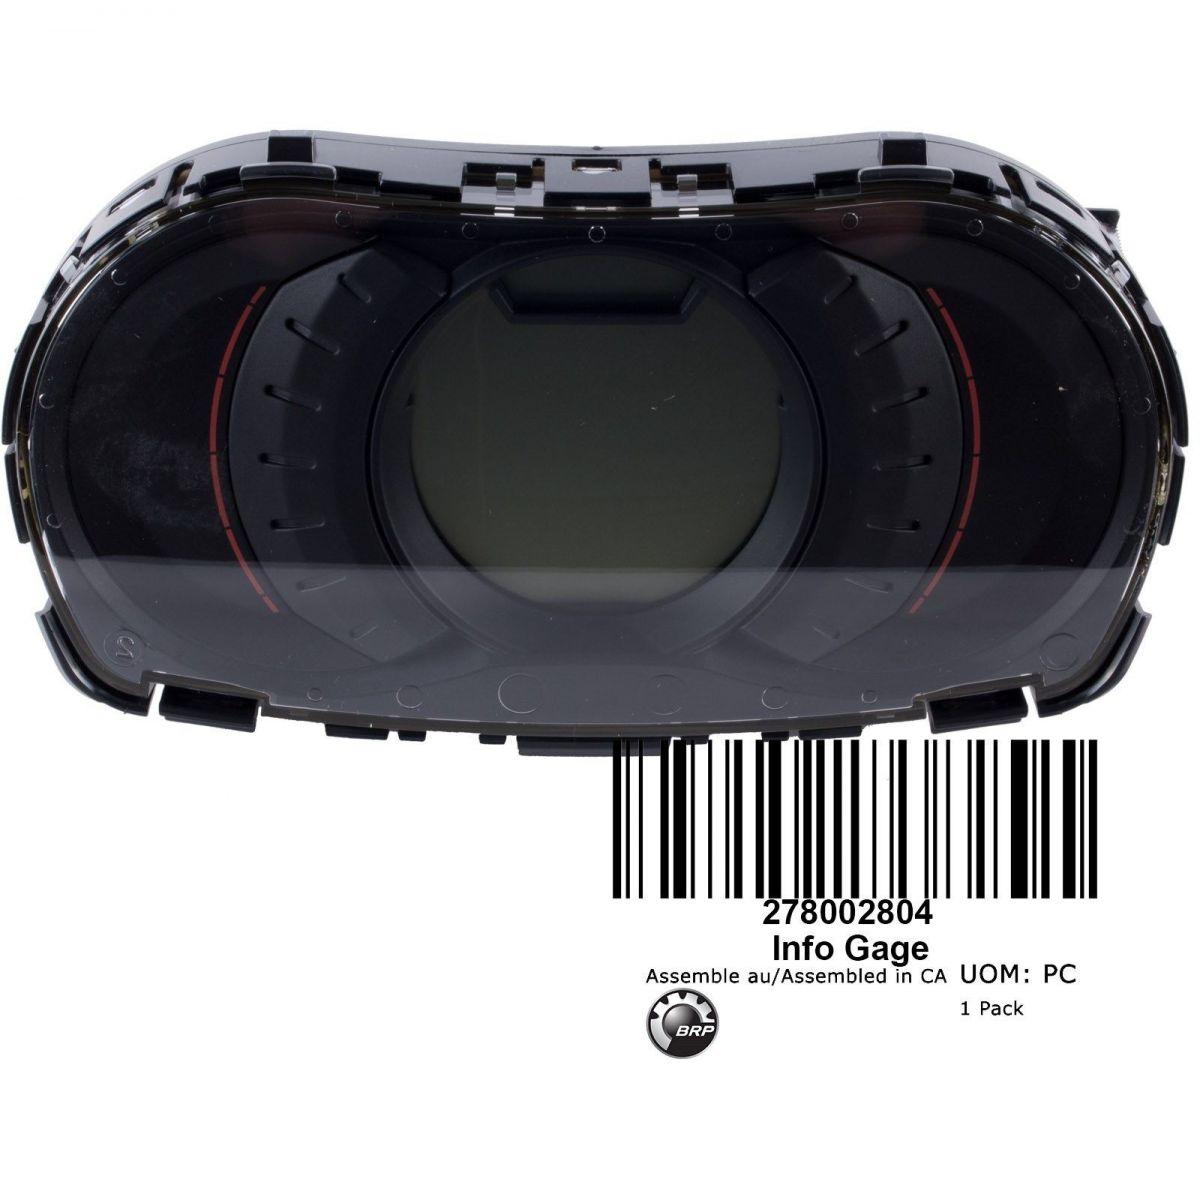 Painel Digital para Jet Ski Sea Doo GTS 130 2011/2012  278002804  - Radical Peças - Peças para Jet Ski